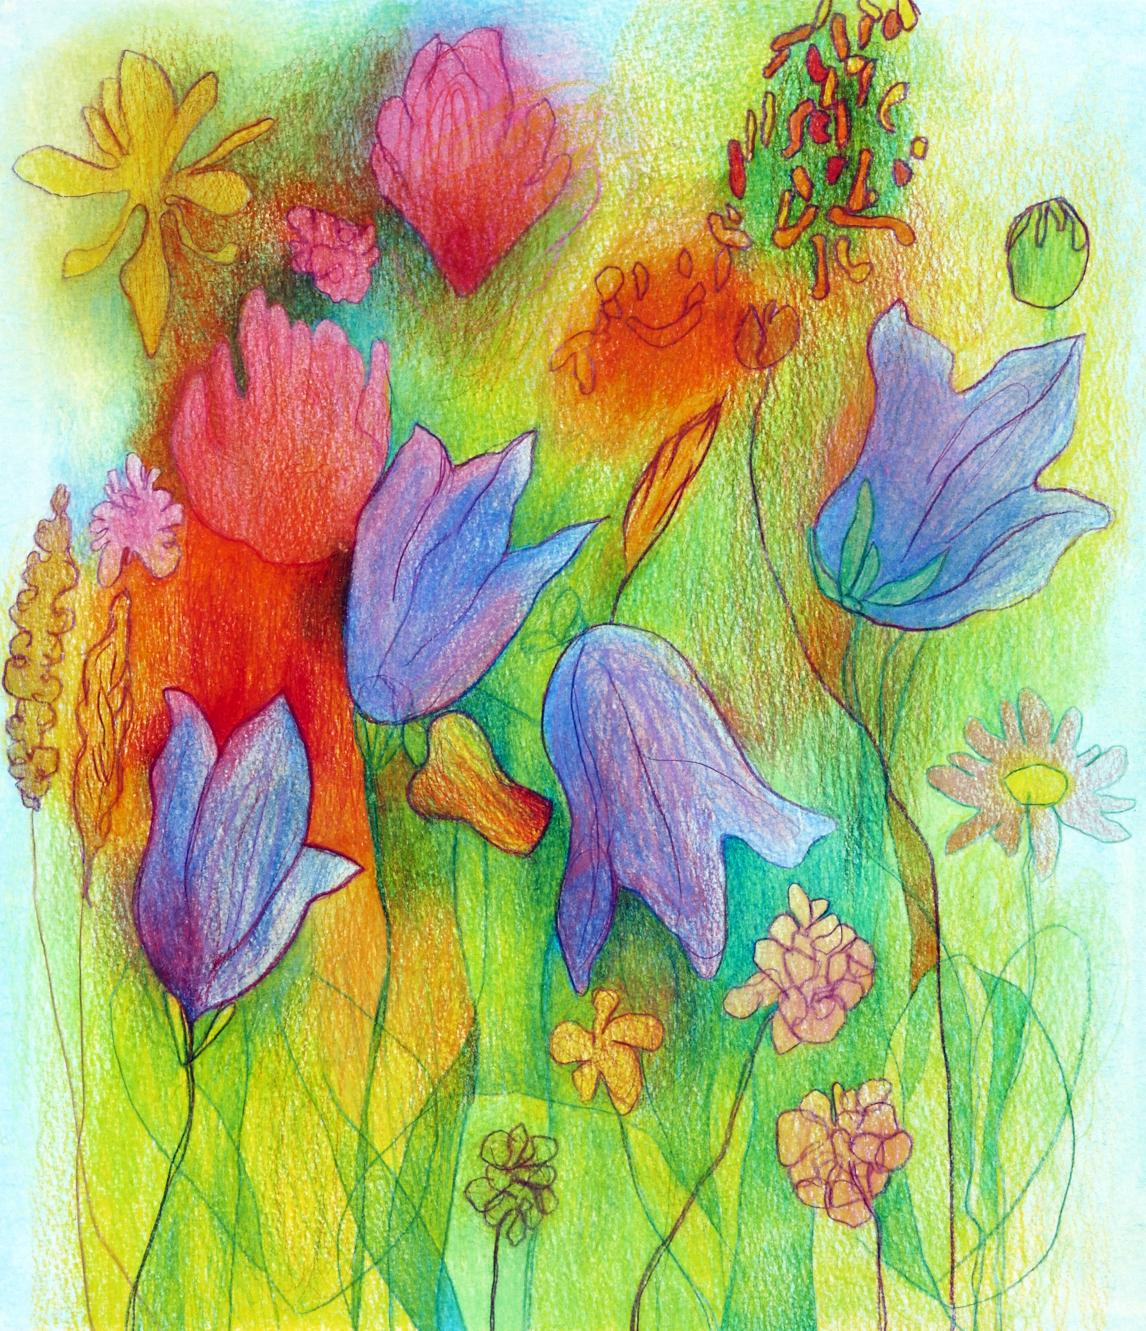 Wildflowers xii